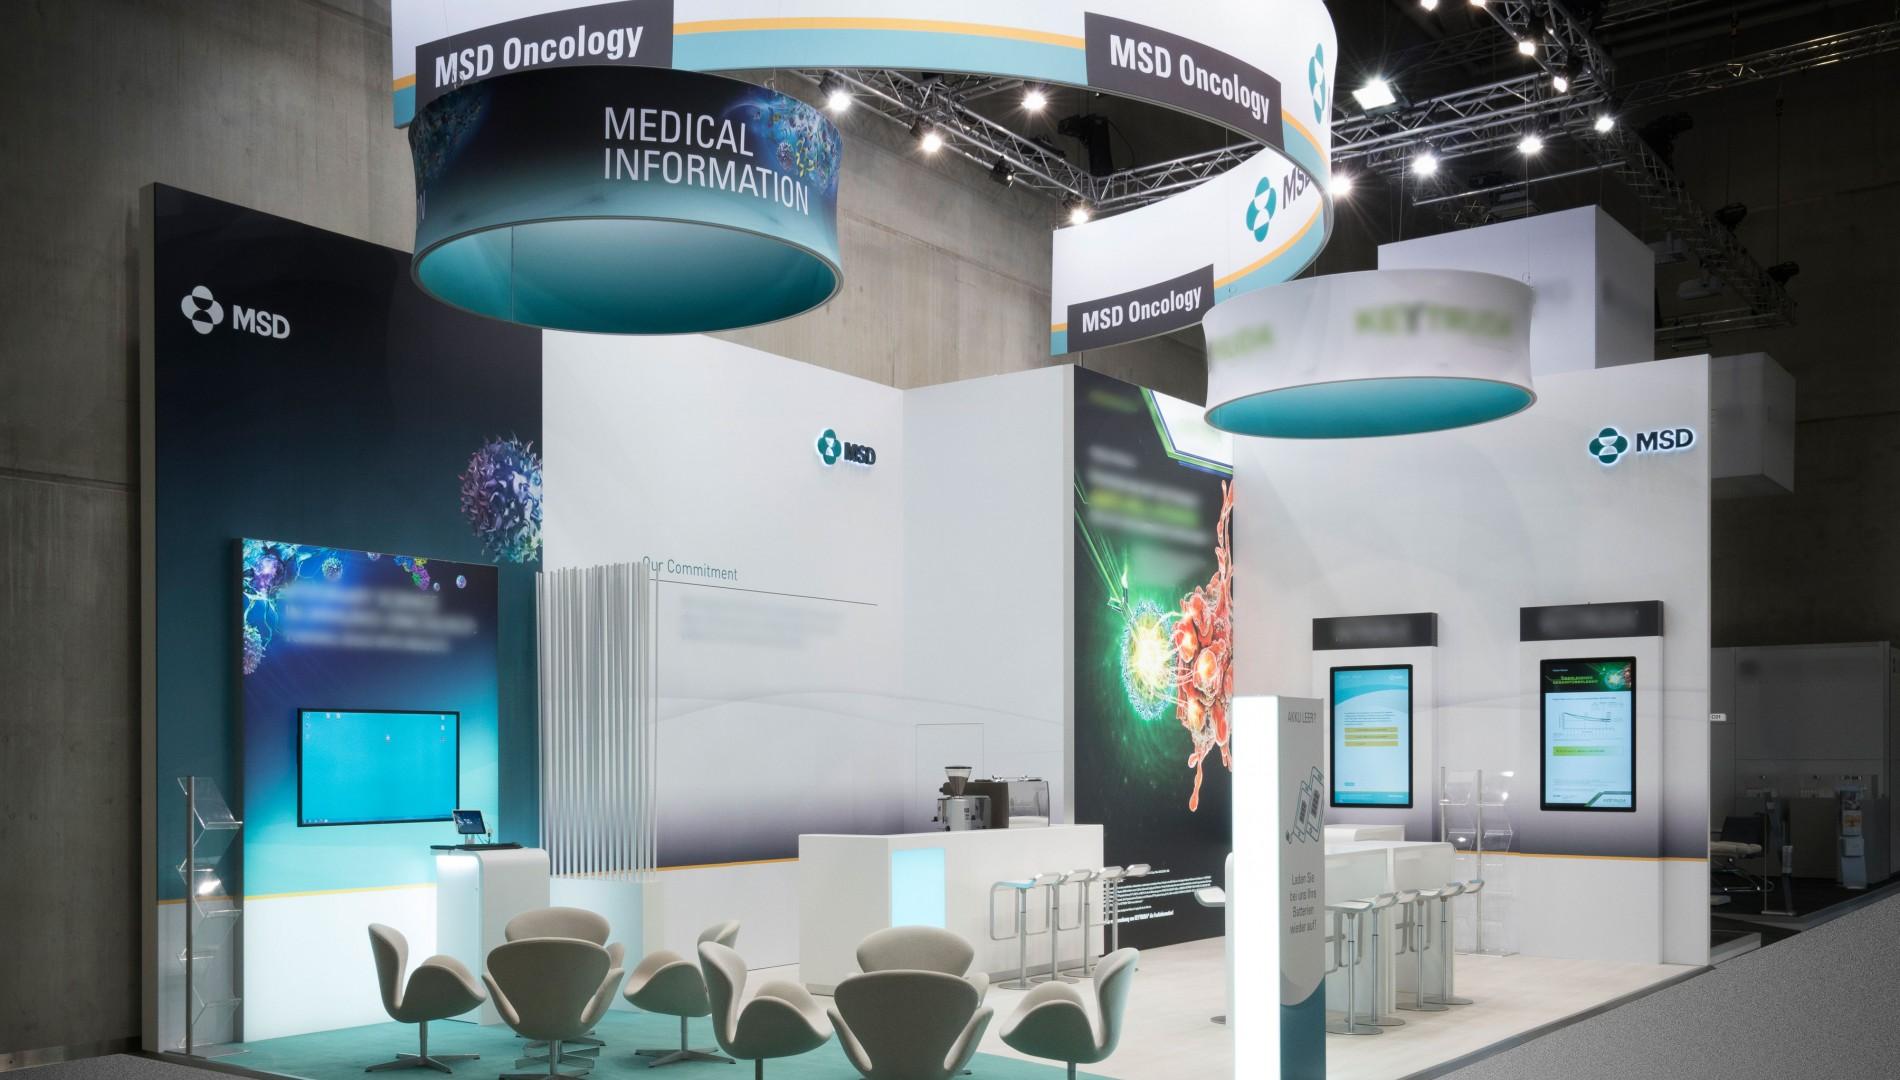 Messedesign für die MSD Sharp & Dohme GmbH von der Designagentur das formt aus München